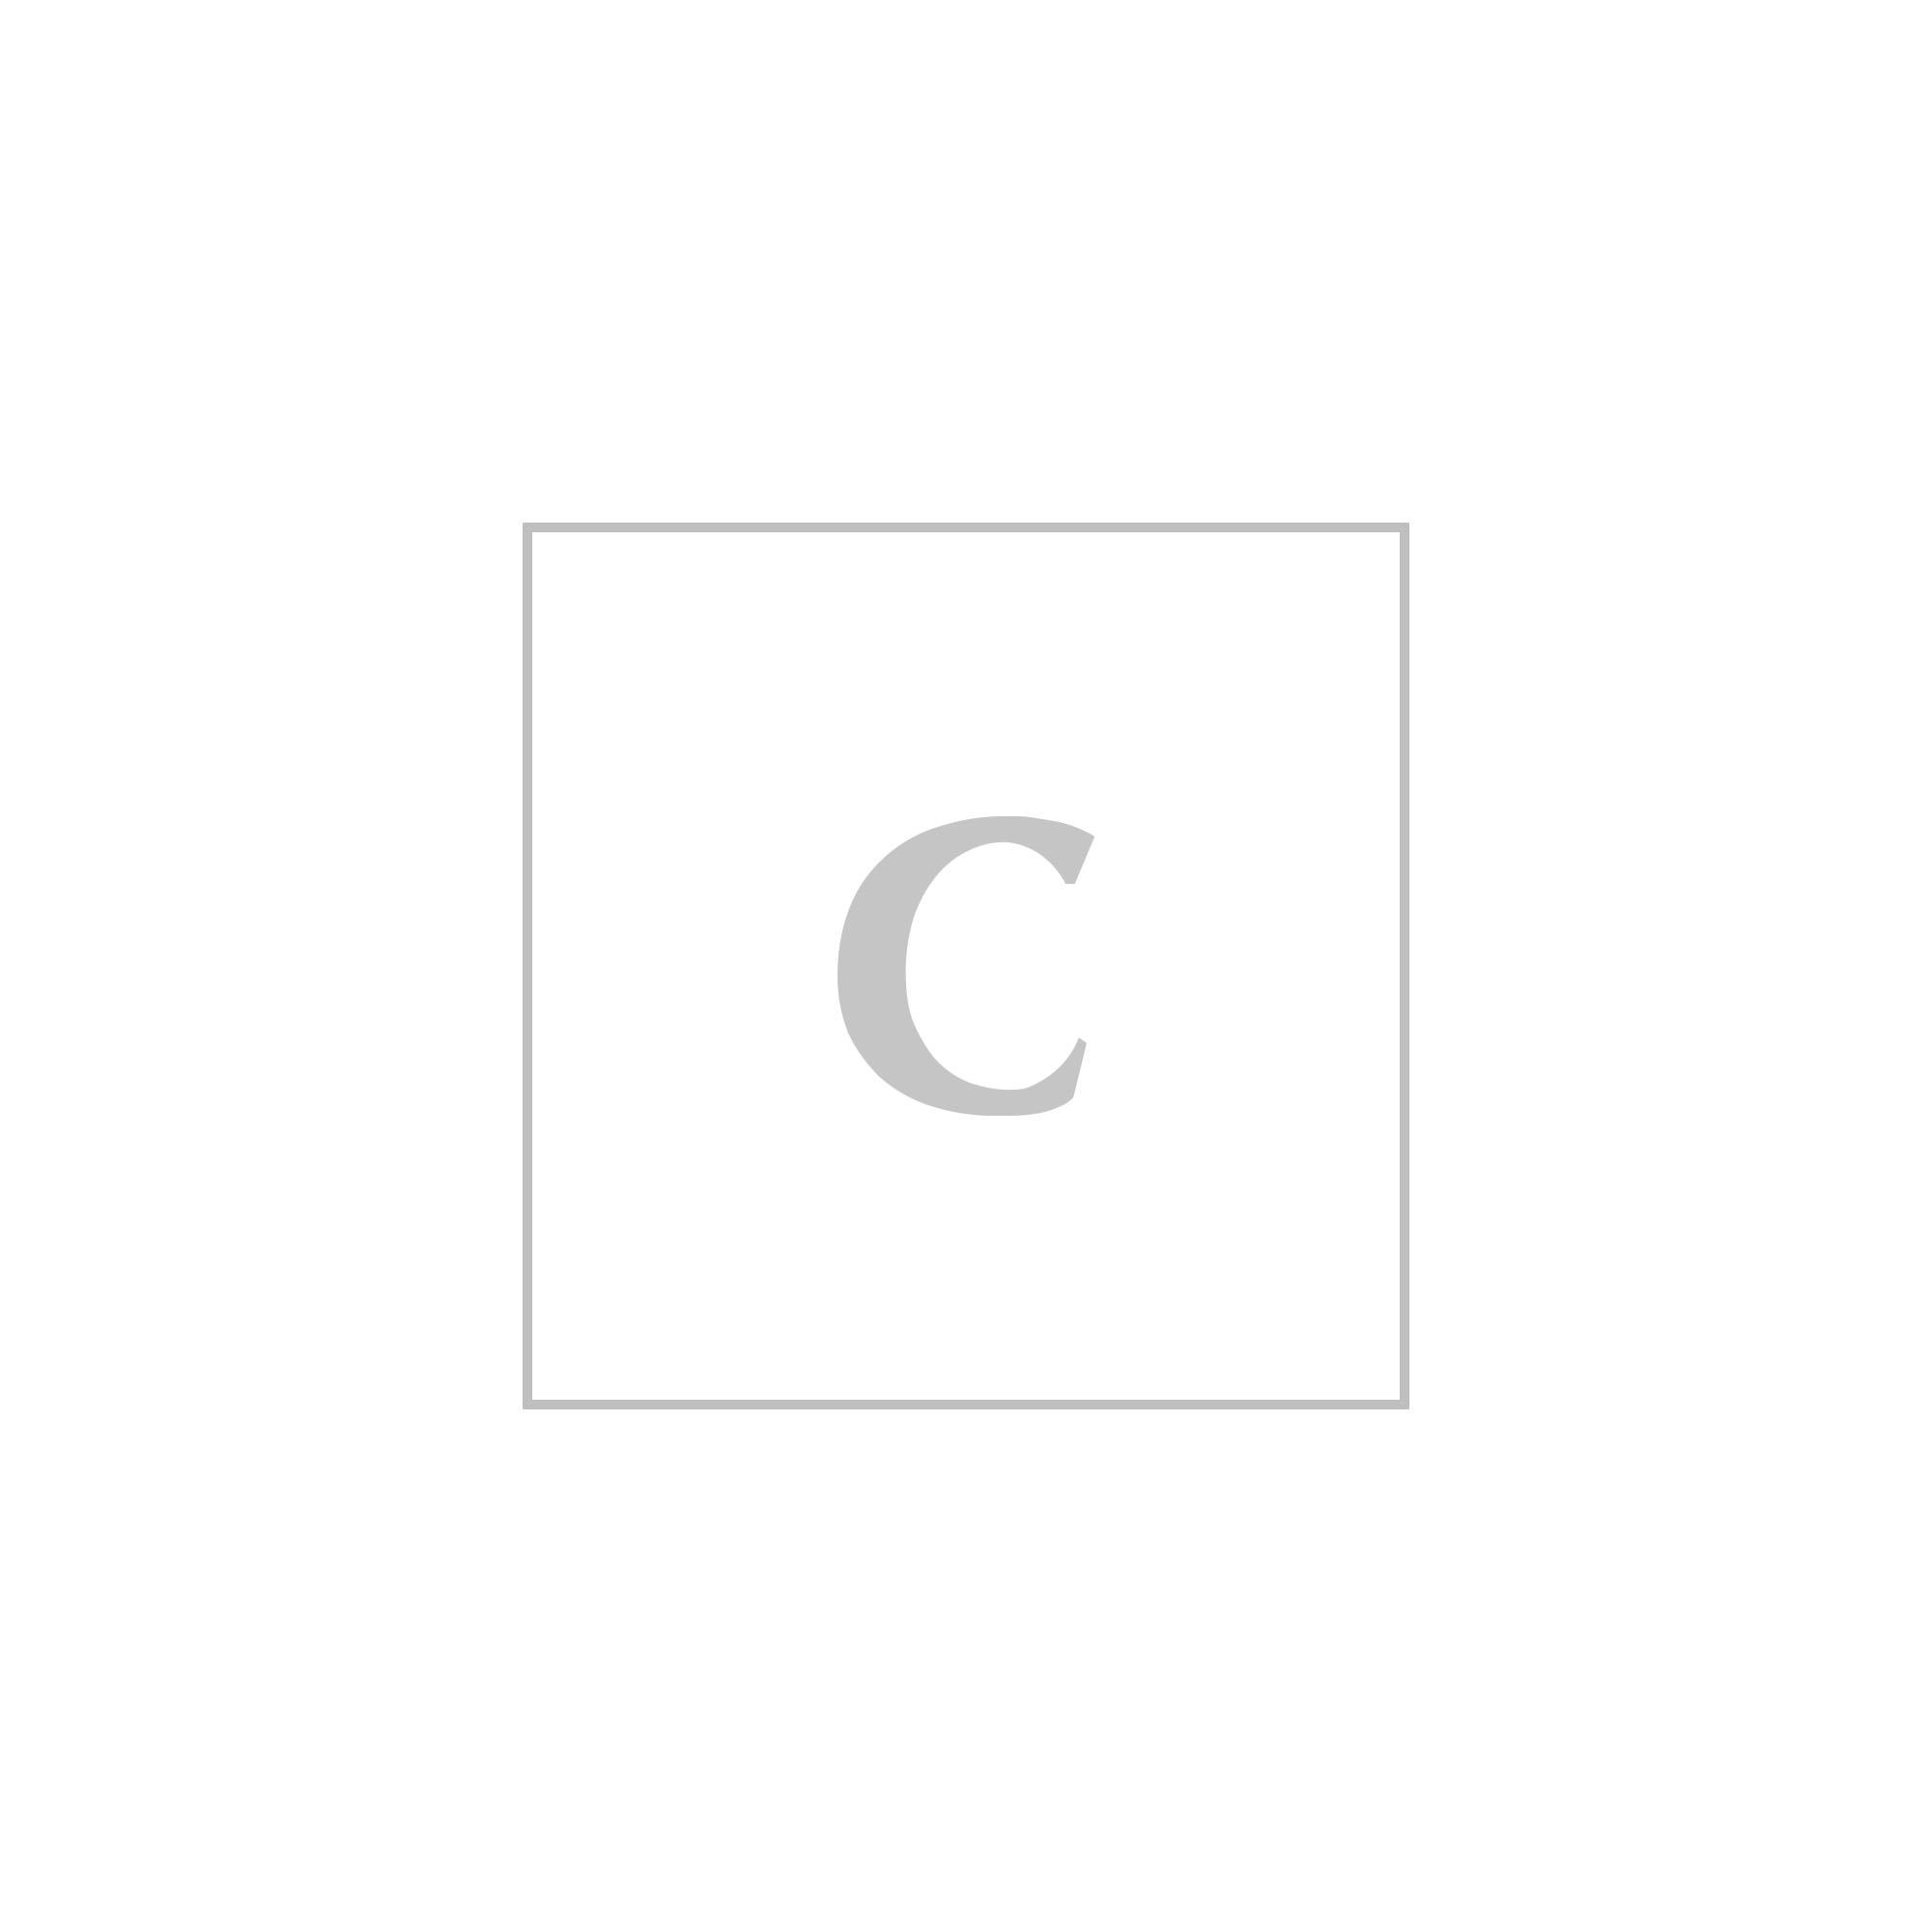 Coltorti Polo amp; Bianco Dolce Boutique Gabbana Da Uomo vnwY6xq